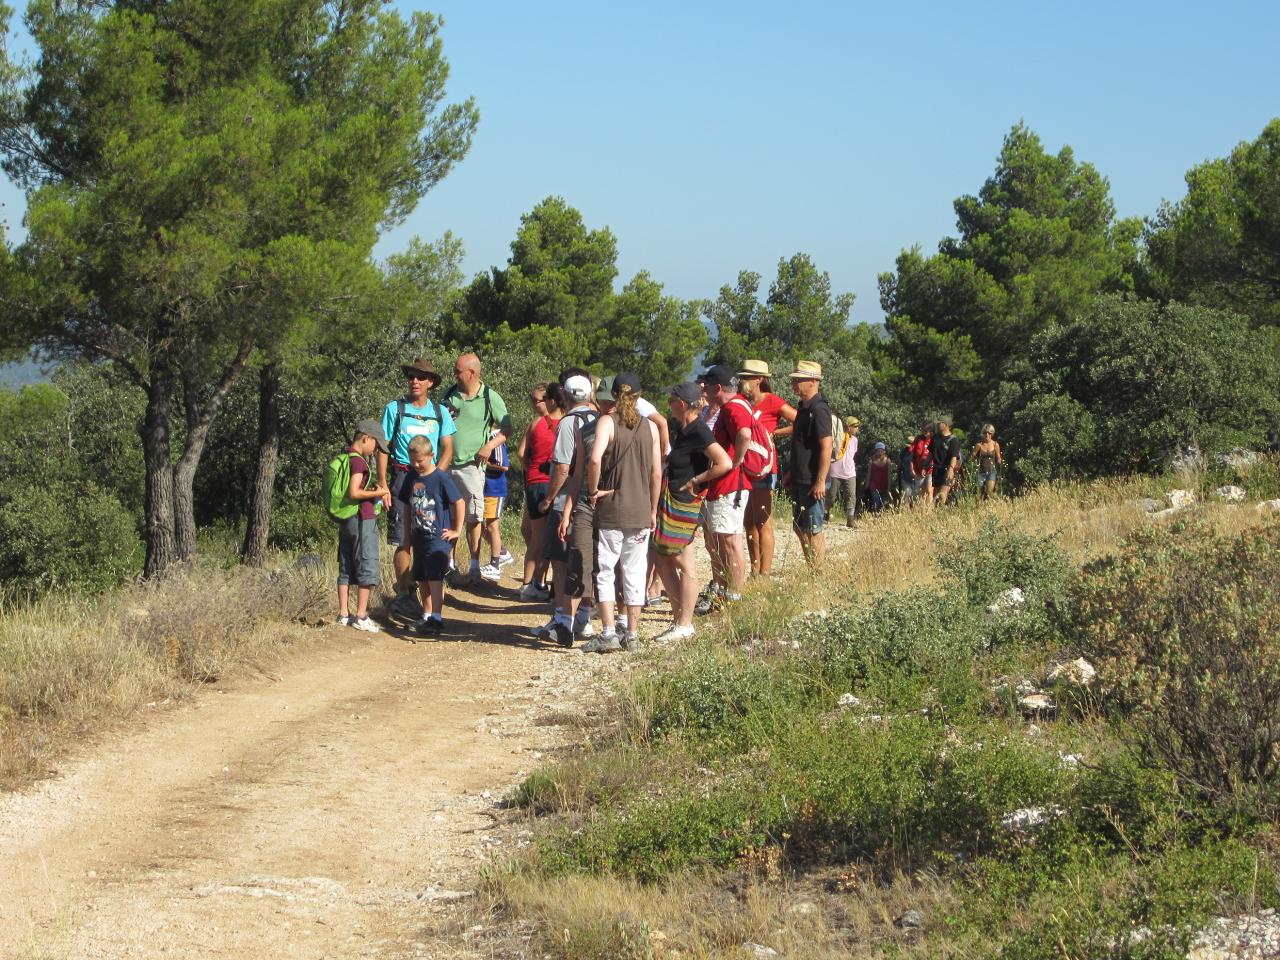 Randonnée camping Les Cerisiers Luberon